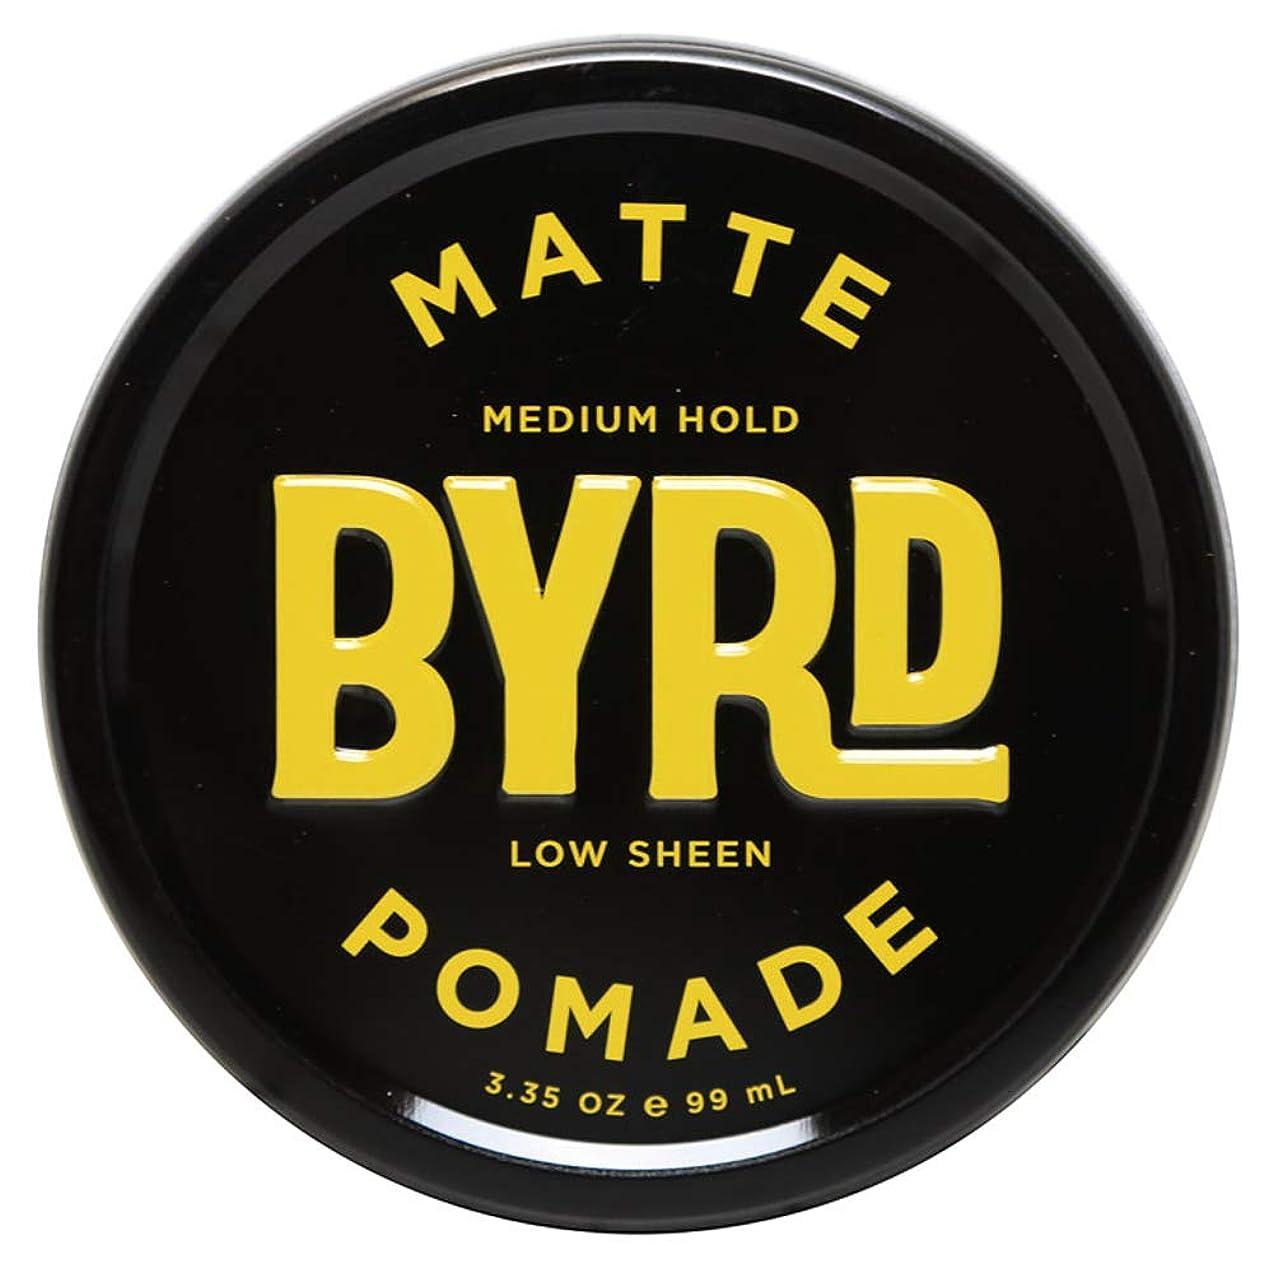 お気に入りカスケード大胆なBYRD バード MATTE POMADE 3.35OZ 99ml マット ポマード